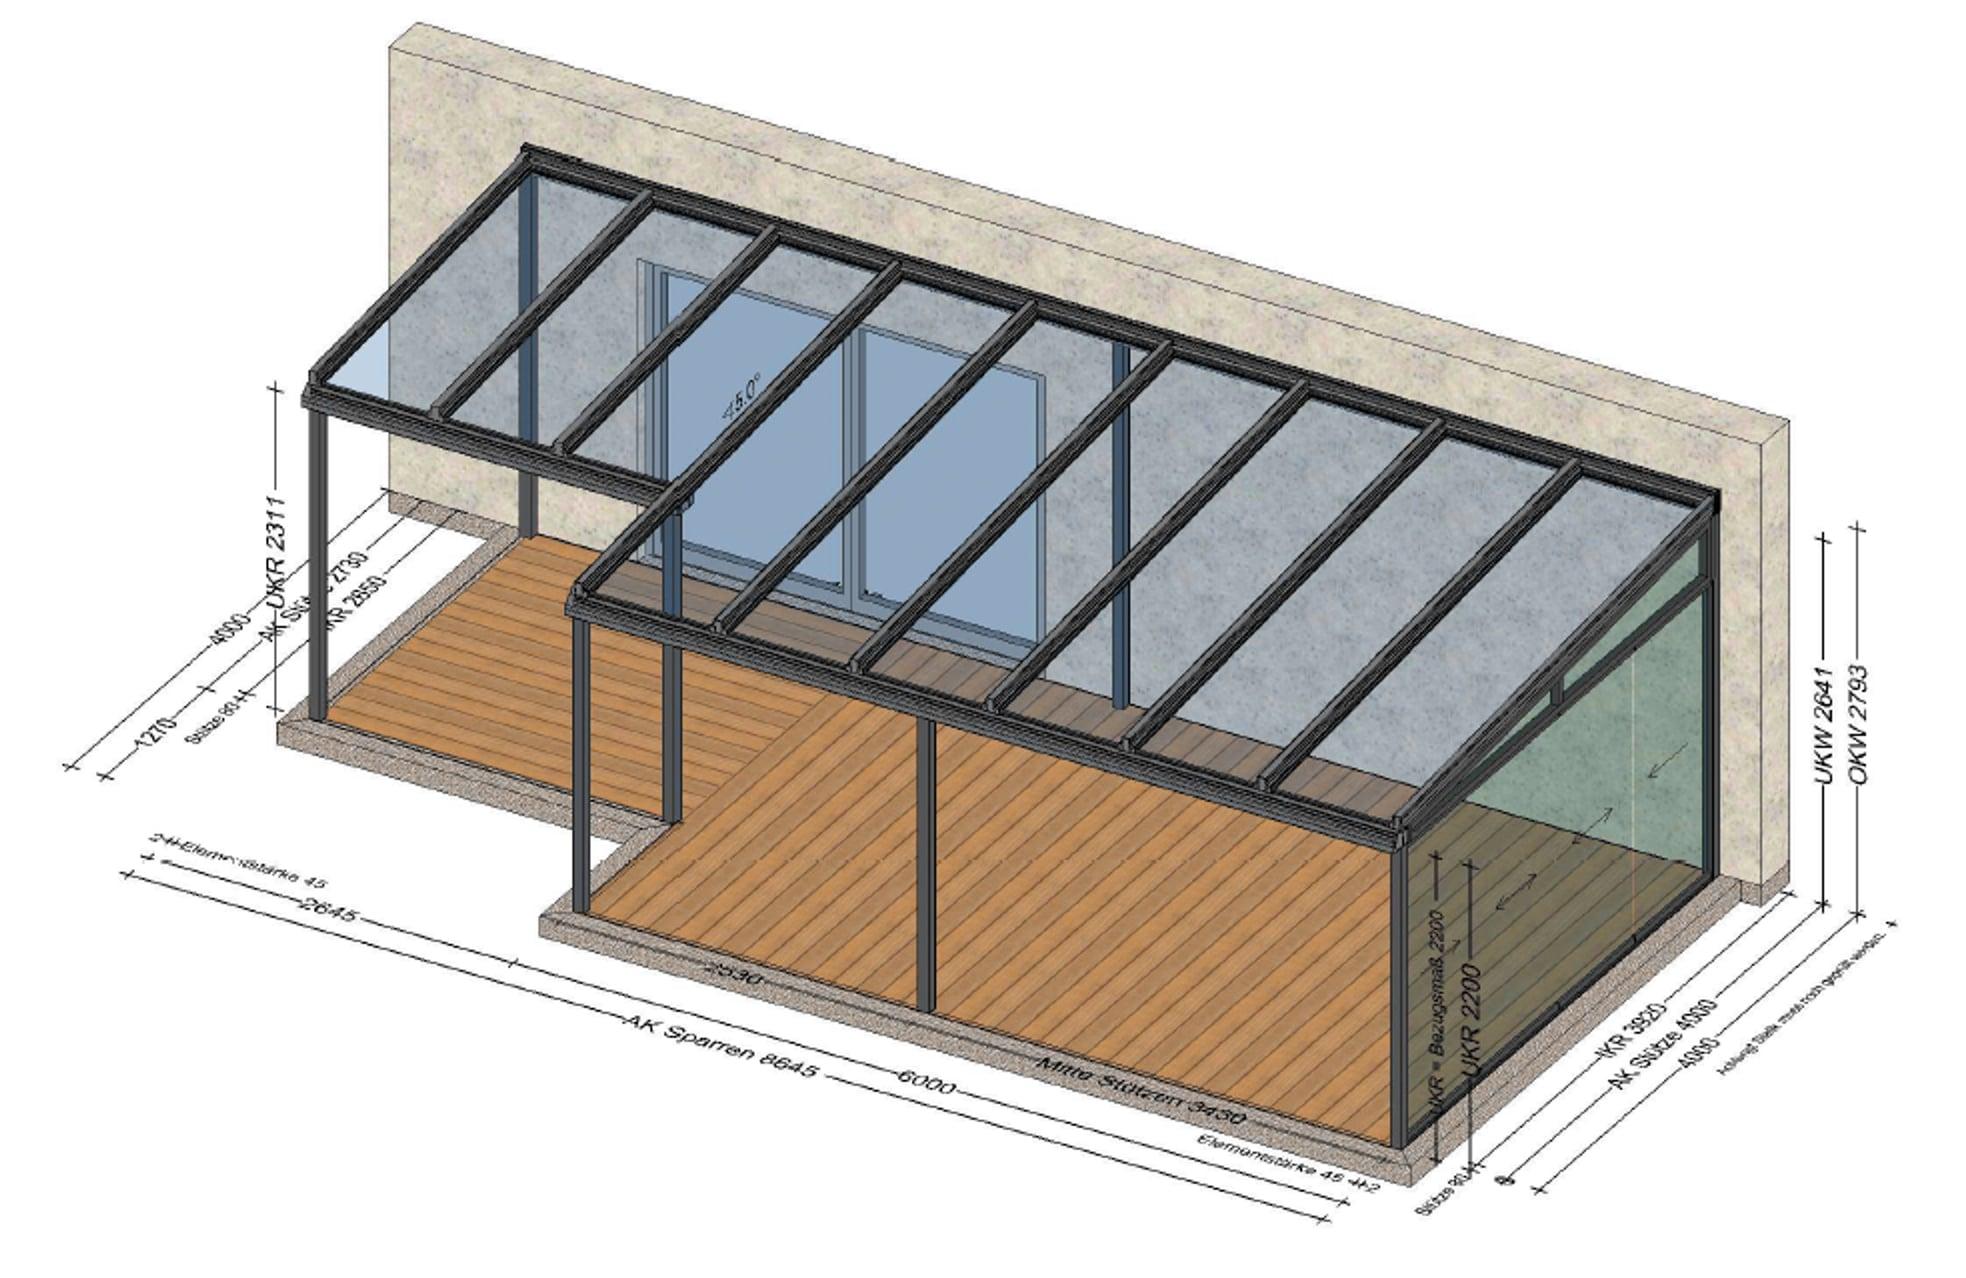 grosse Terrassenüberdachung mit einer Glasschiebetüre